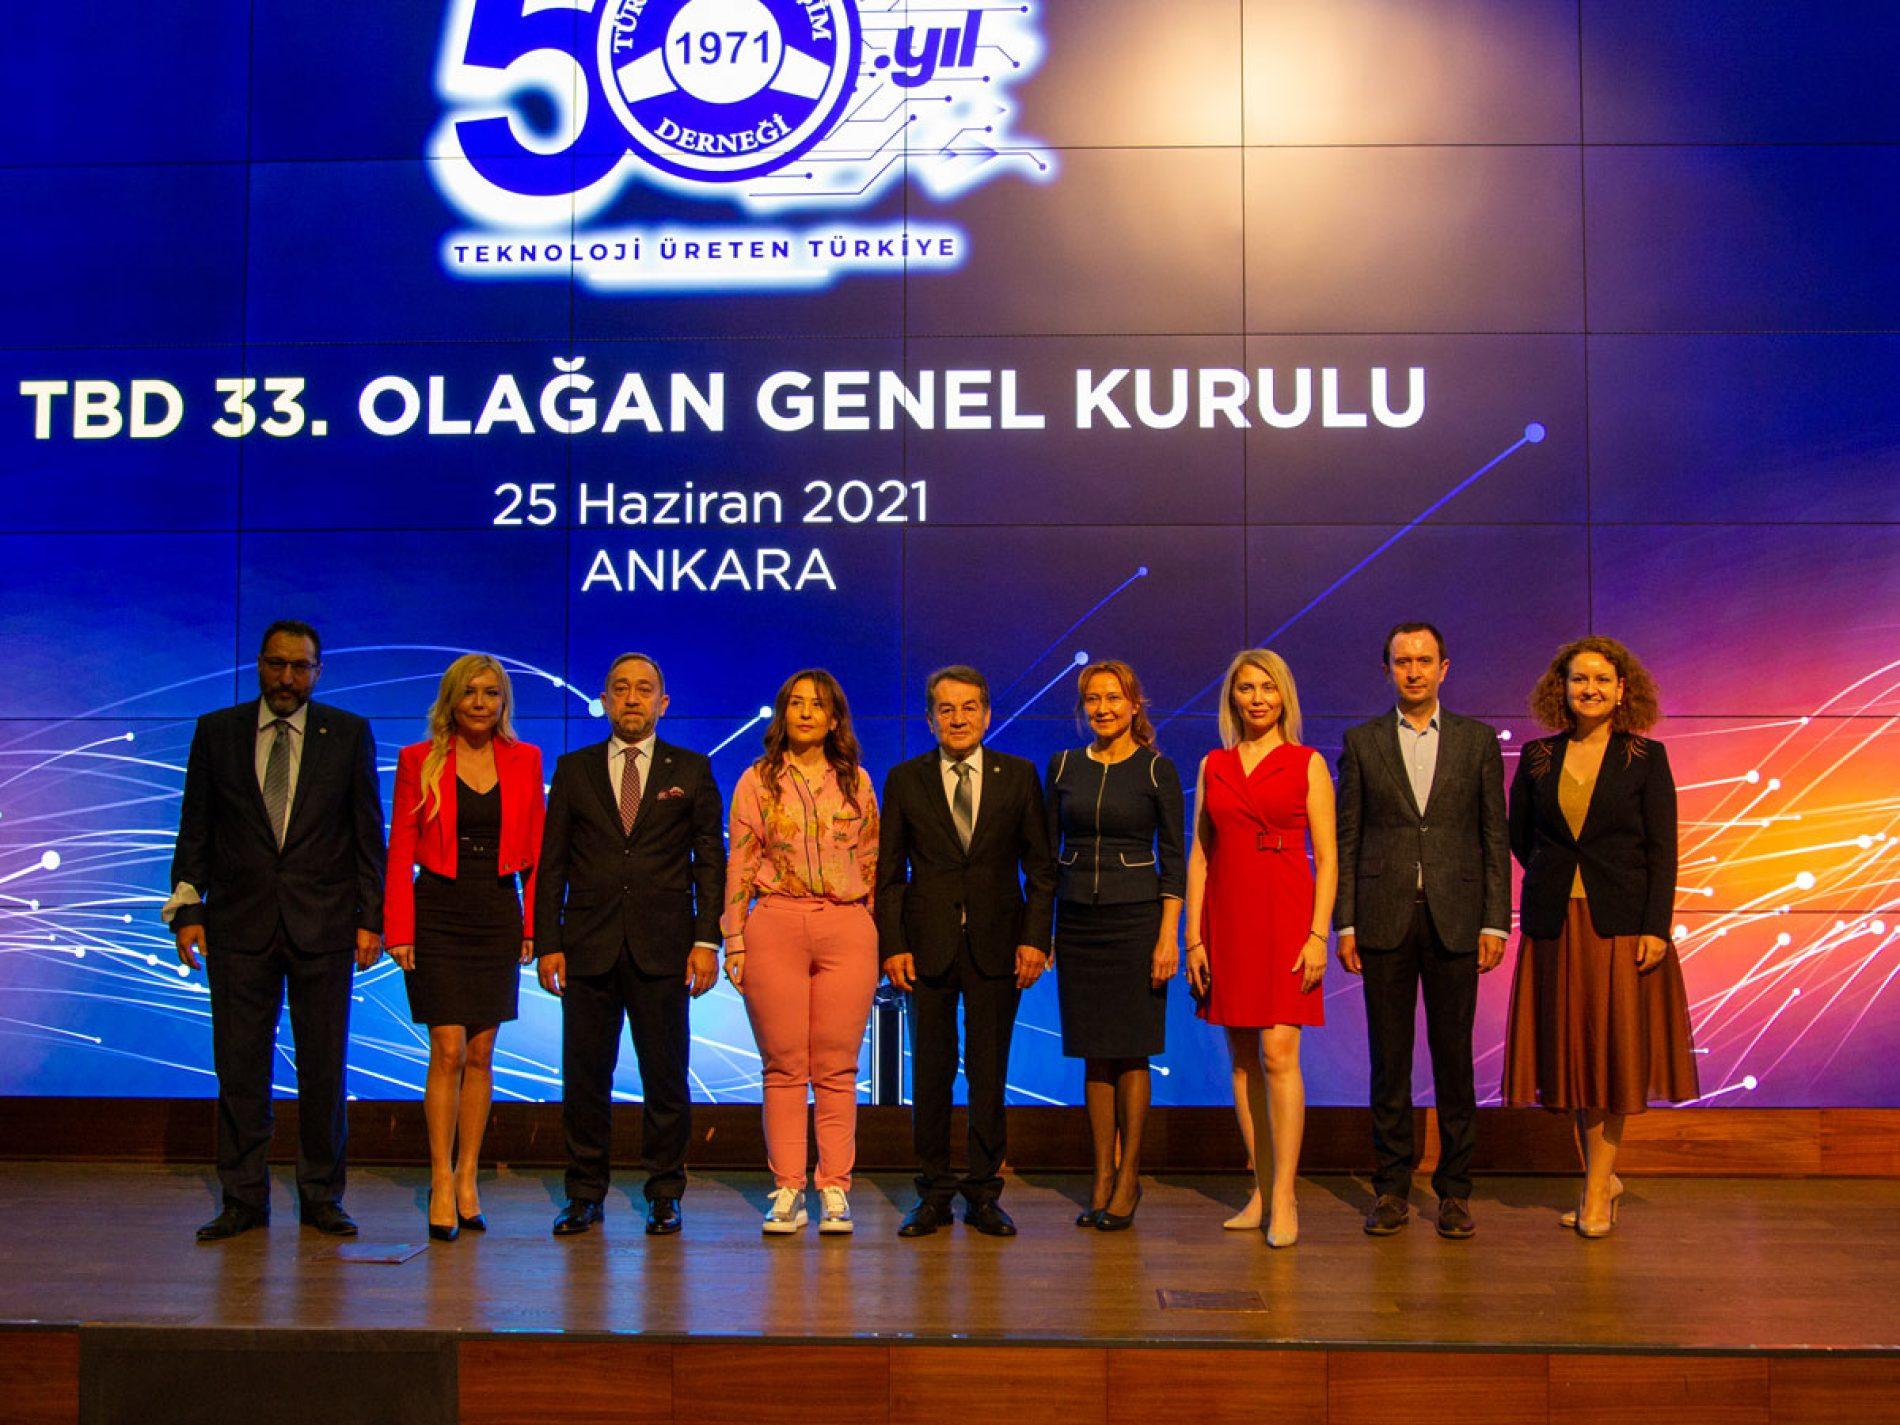 TBD, 33. Olağan Genel Kurulunda Rahmi AKTEPE Yeniden Türkiye Bilişim Derneği Başkanı Seçildi